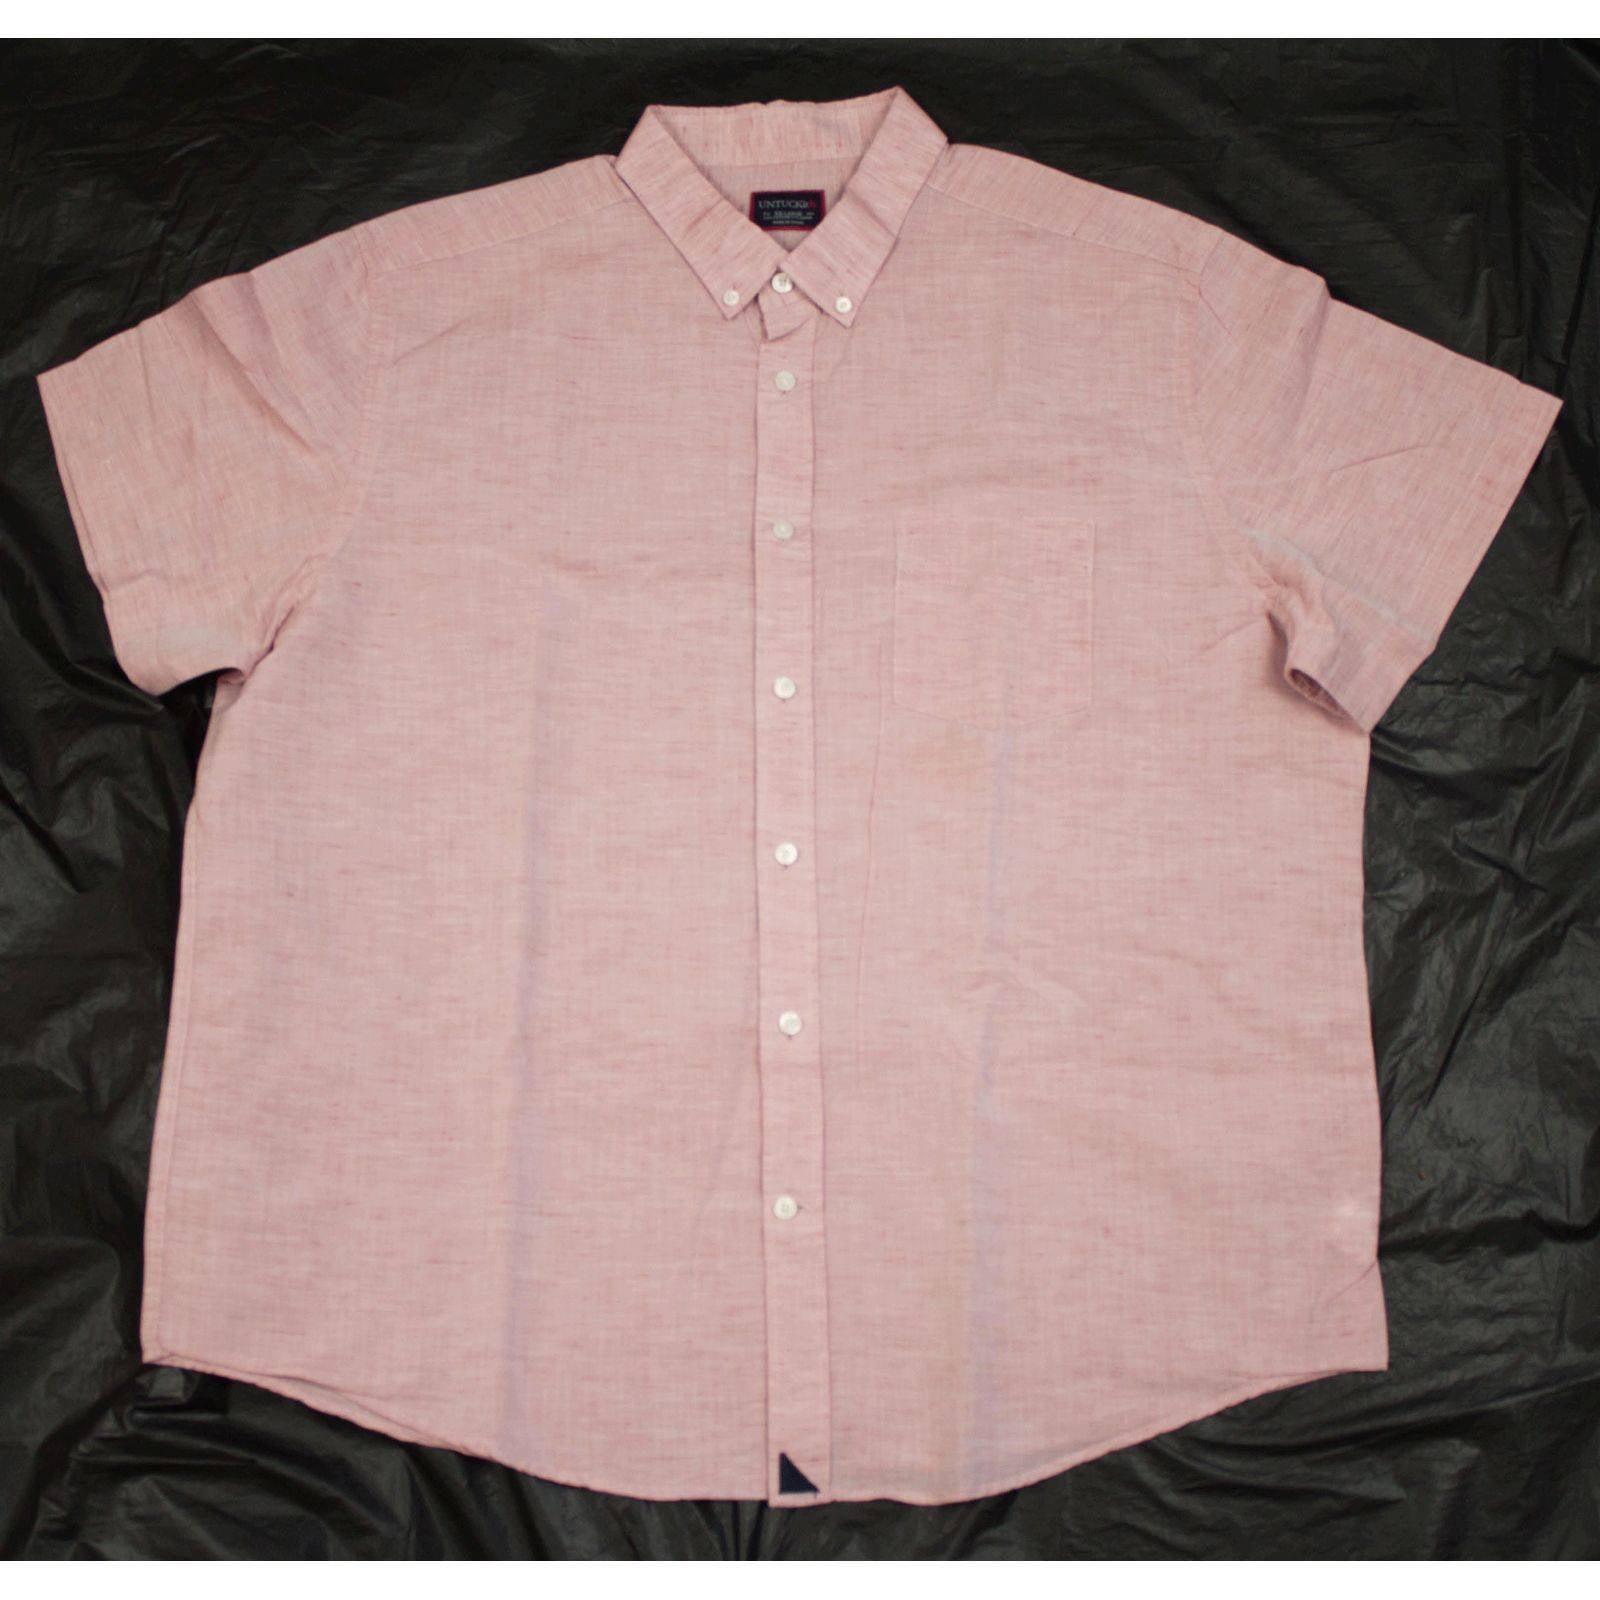 UNTUCKit Short Sleeve Button Down Shirt